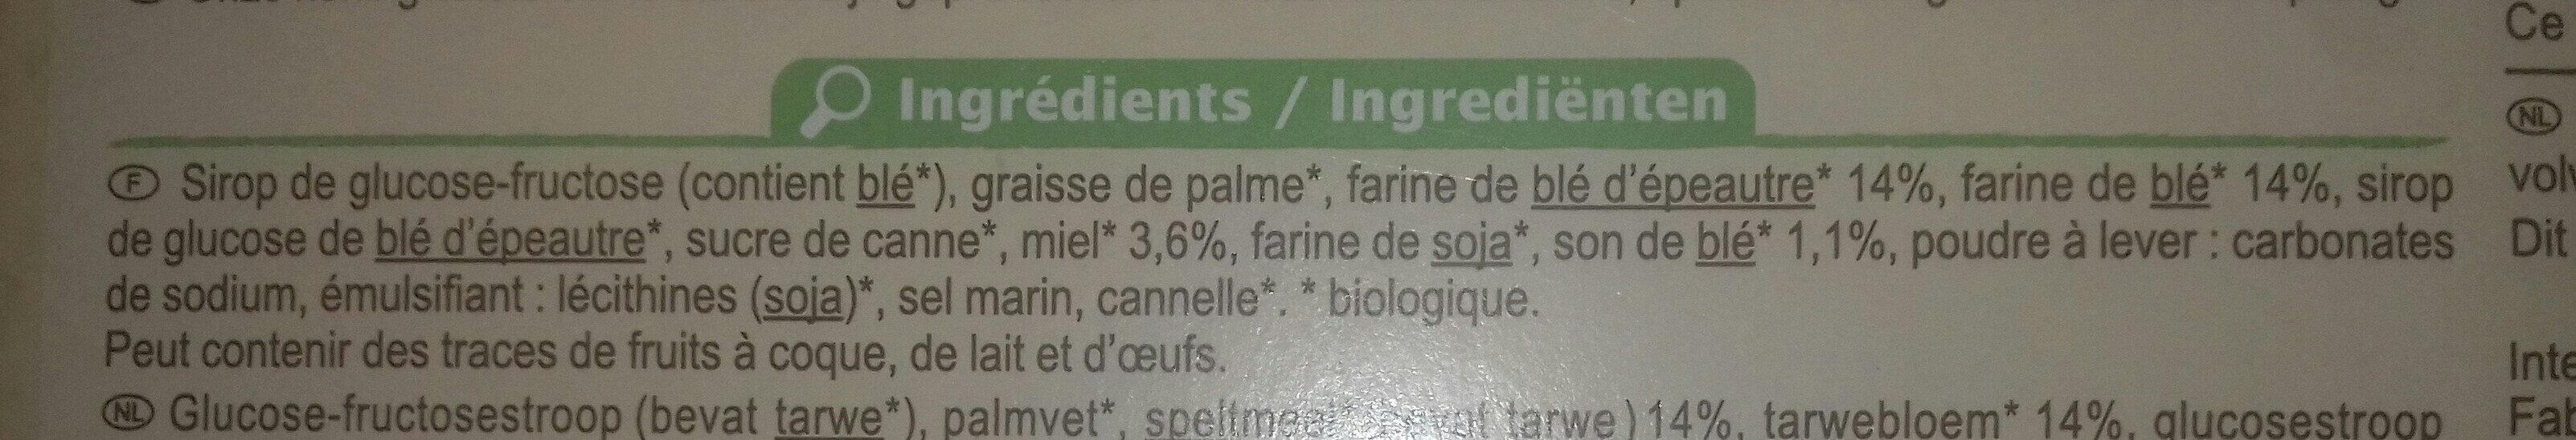 Gaufres au miel - Ingrédients - fr